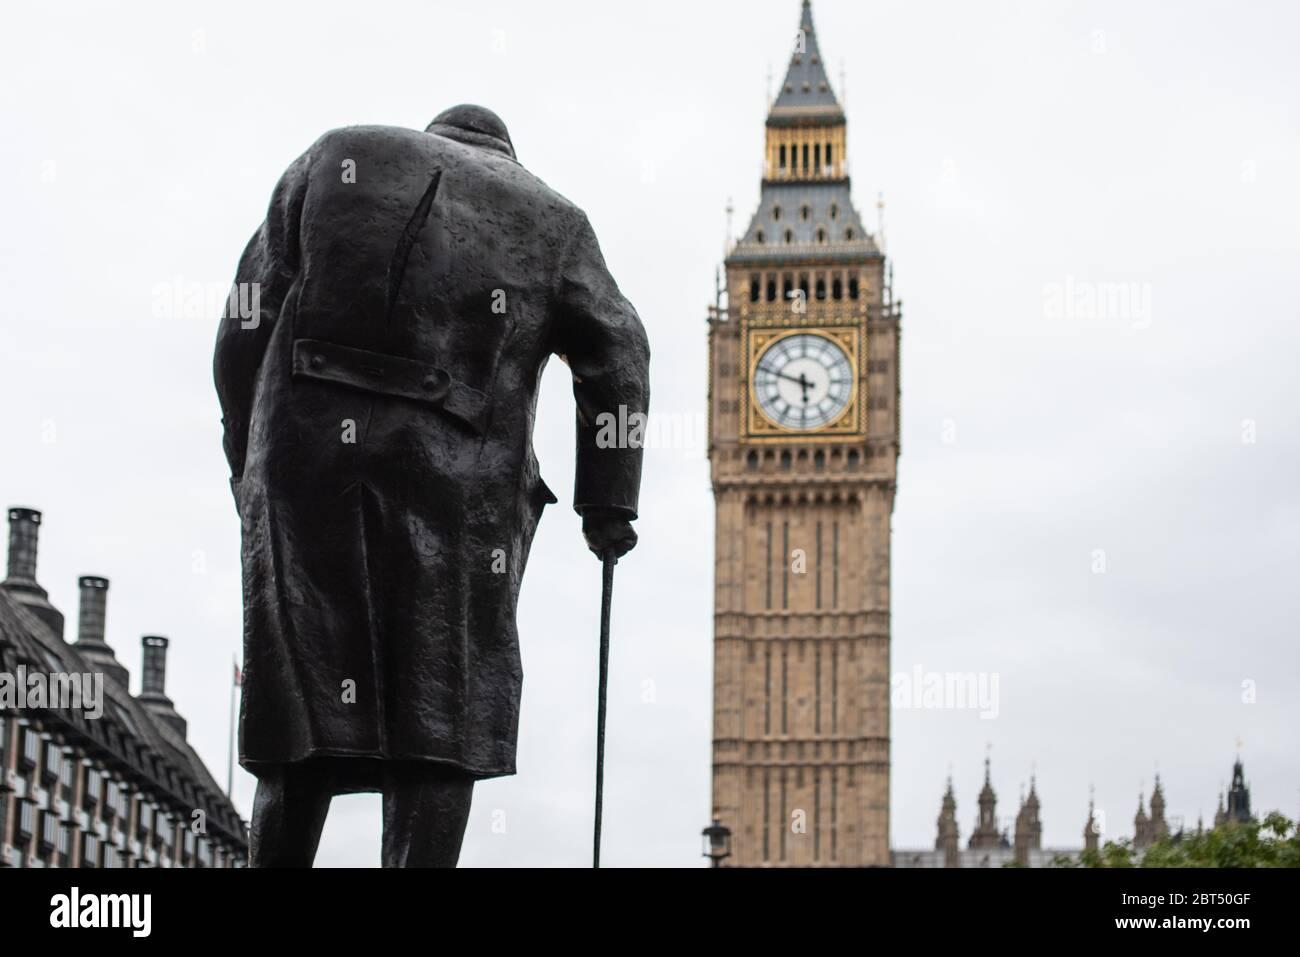 Statue de Winston Churchill face à Big Ben, Londres, Angleterre, Royaume-Uni Banque D'Images